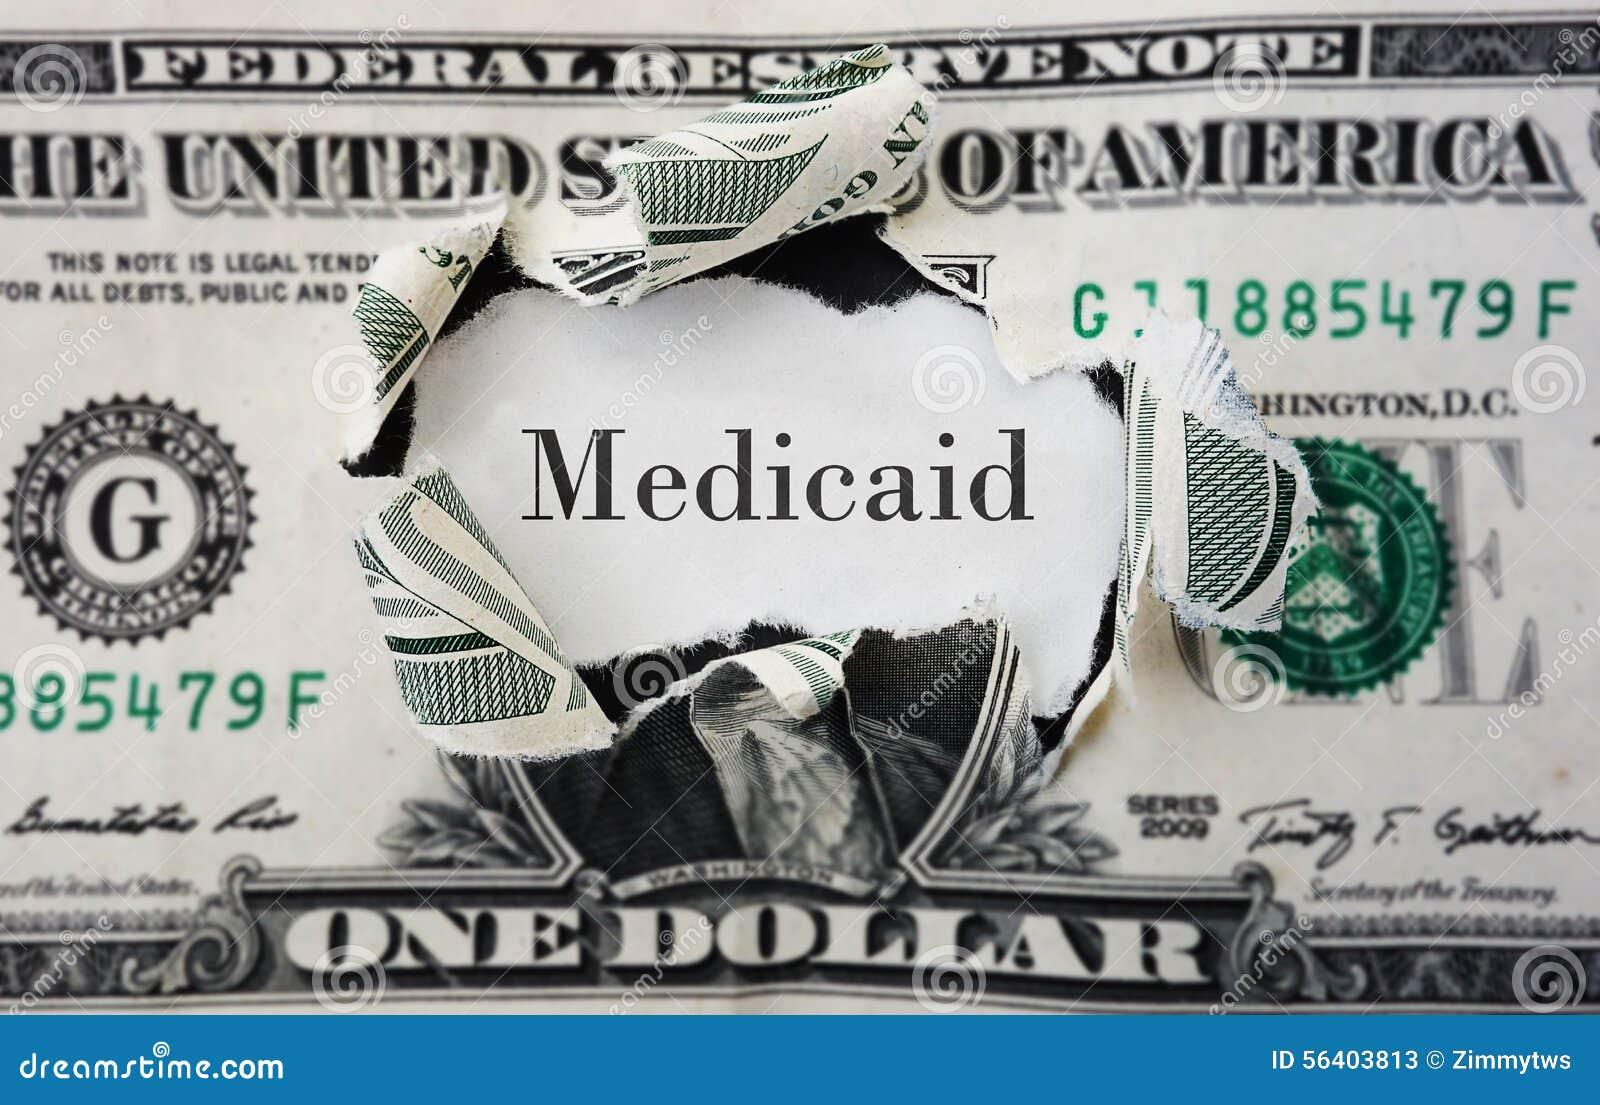 Цены Medicaid